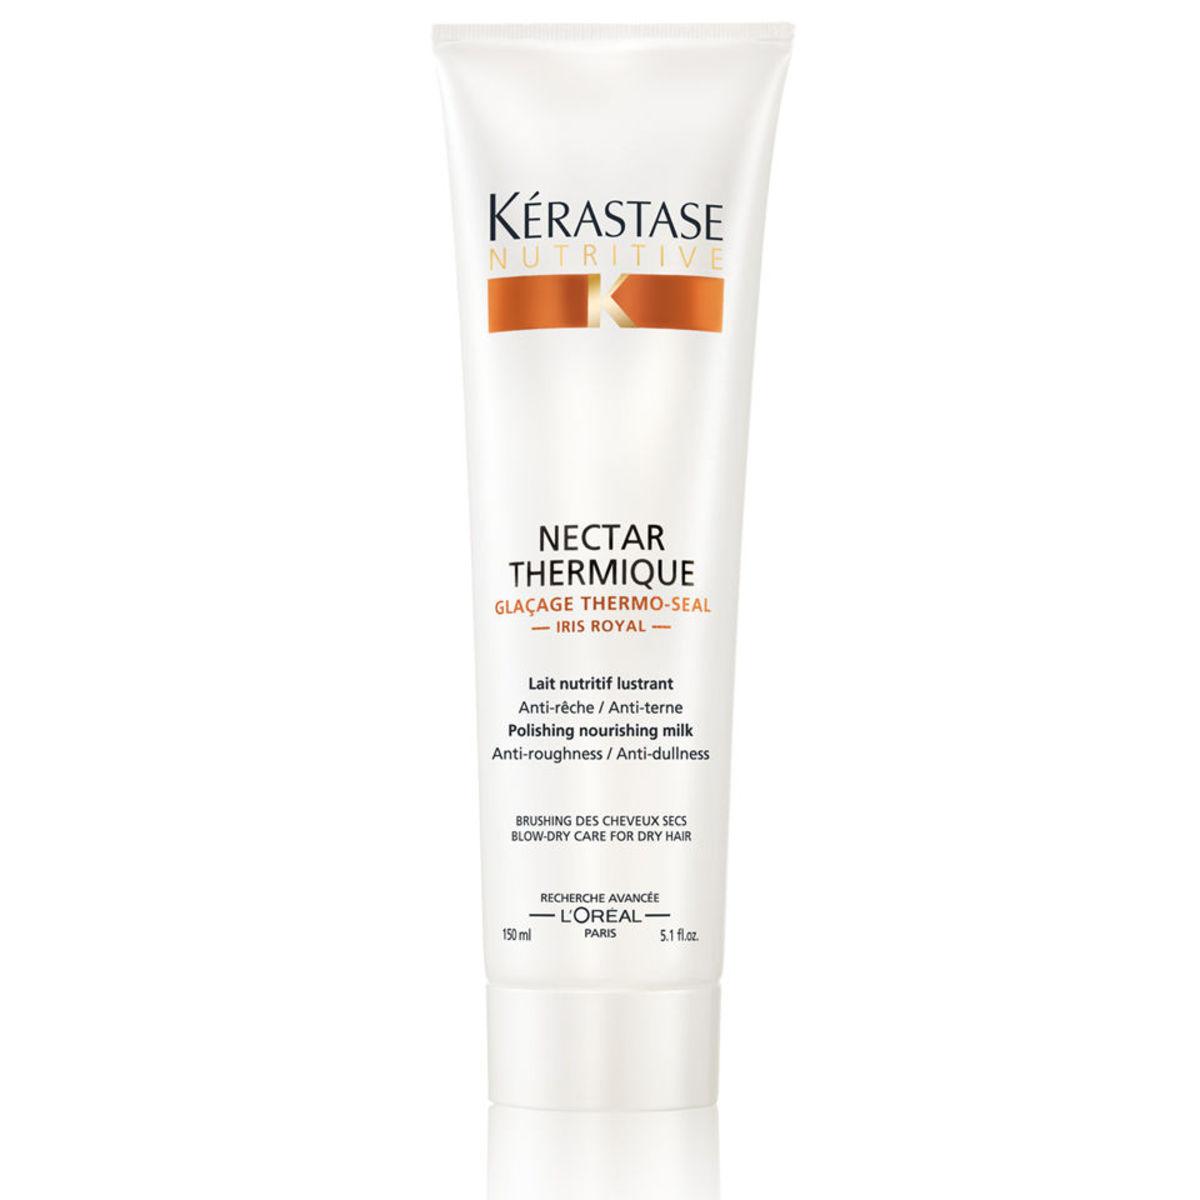 Kerastase Nectar Thermique Polishing Nourishing Milk